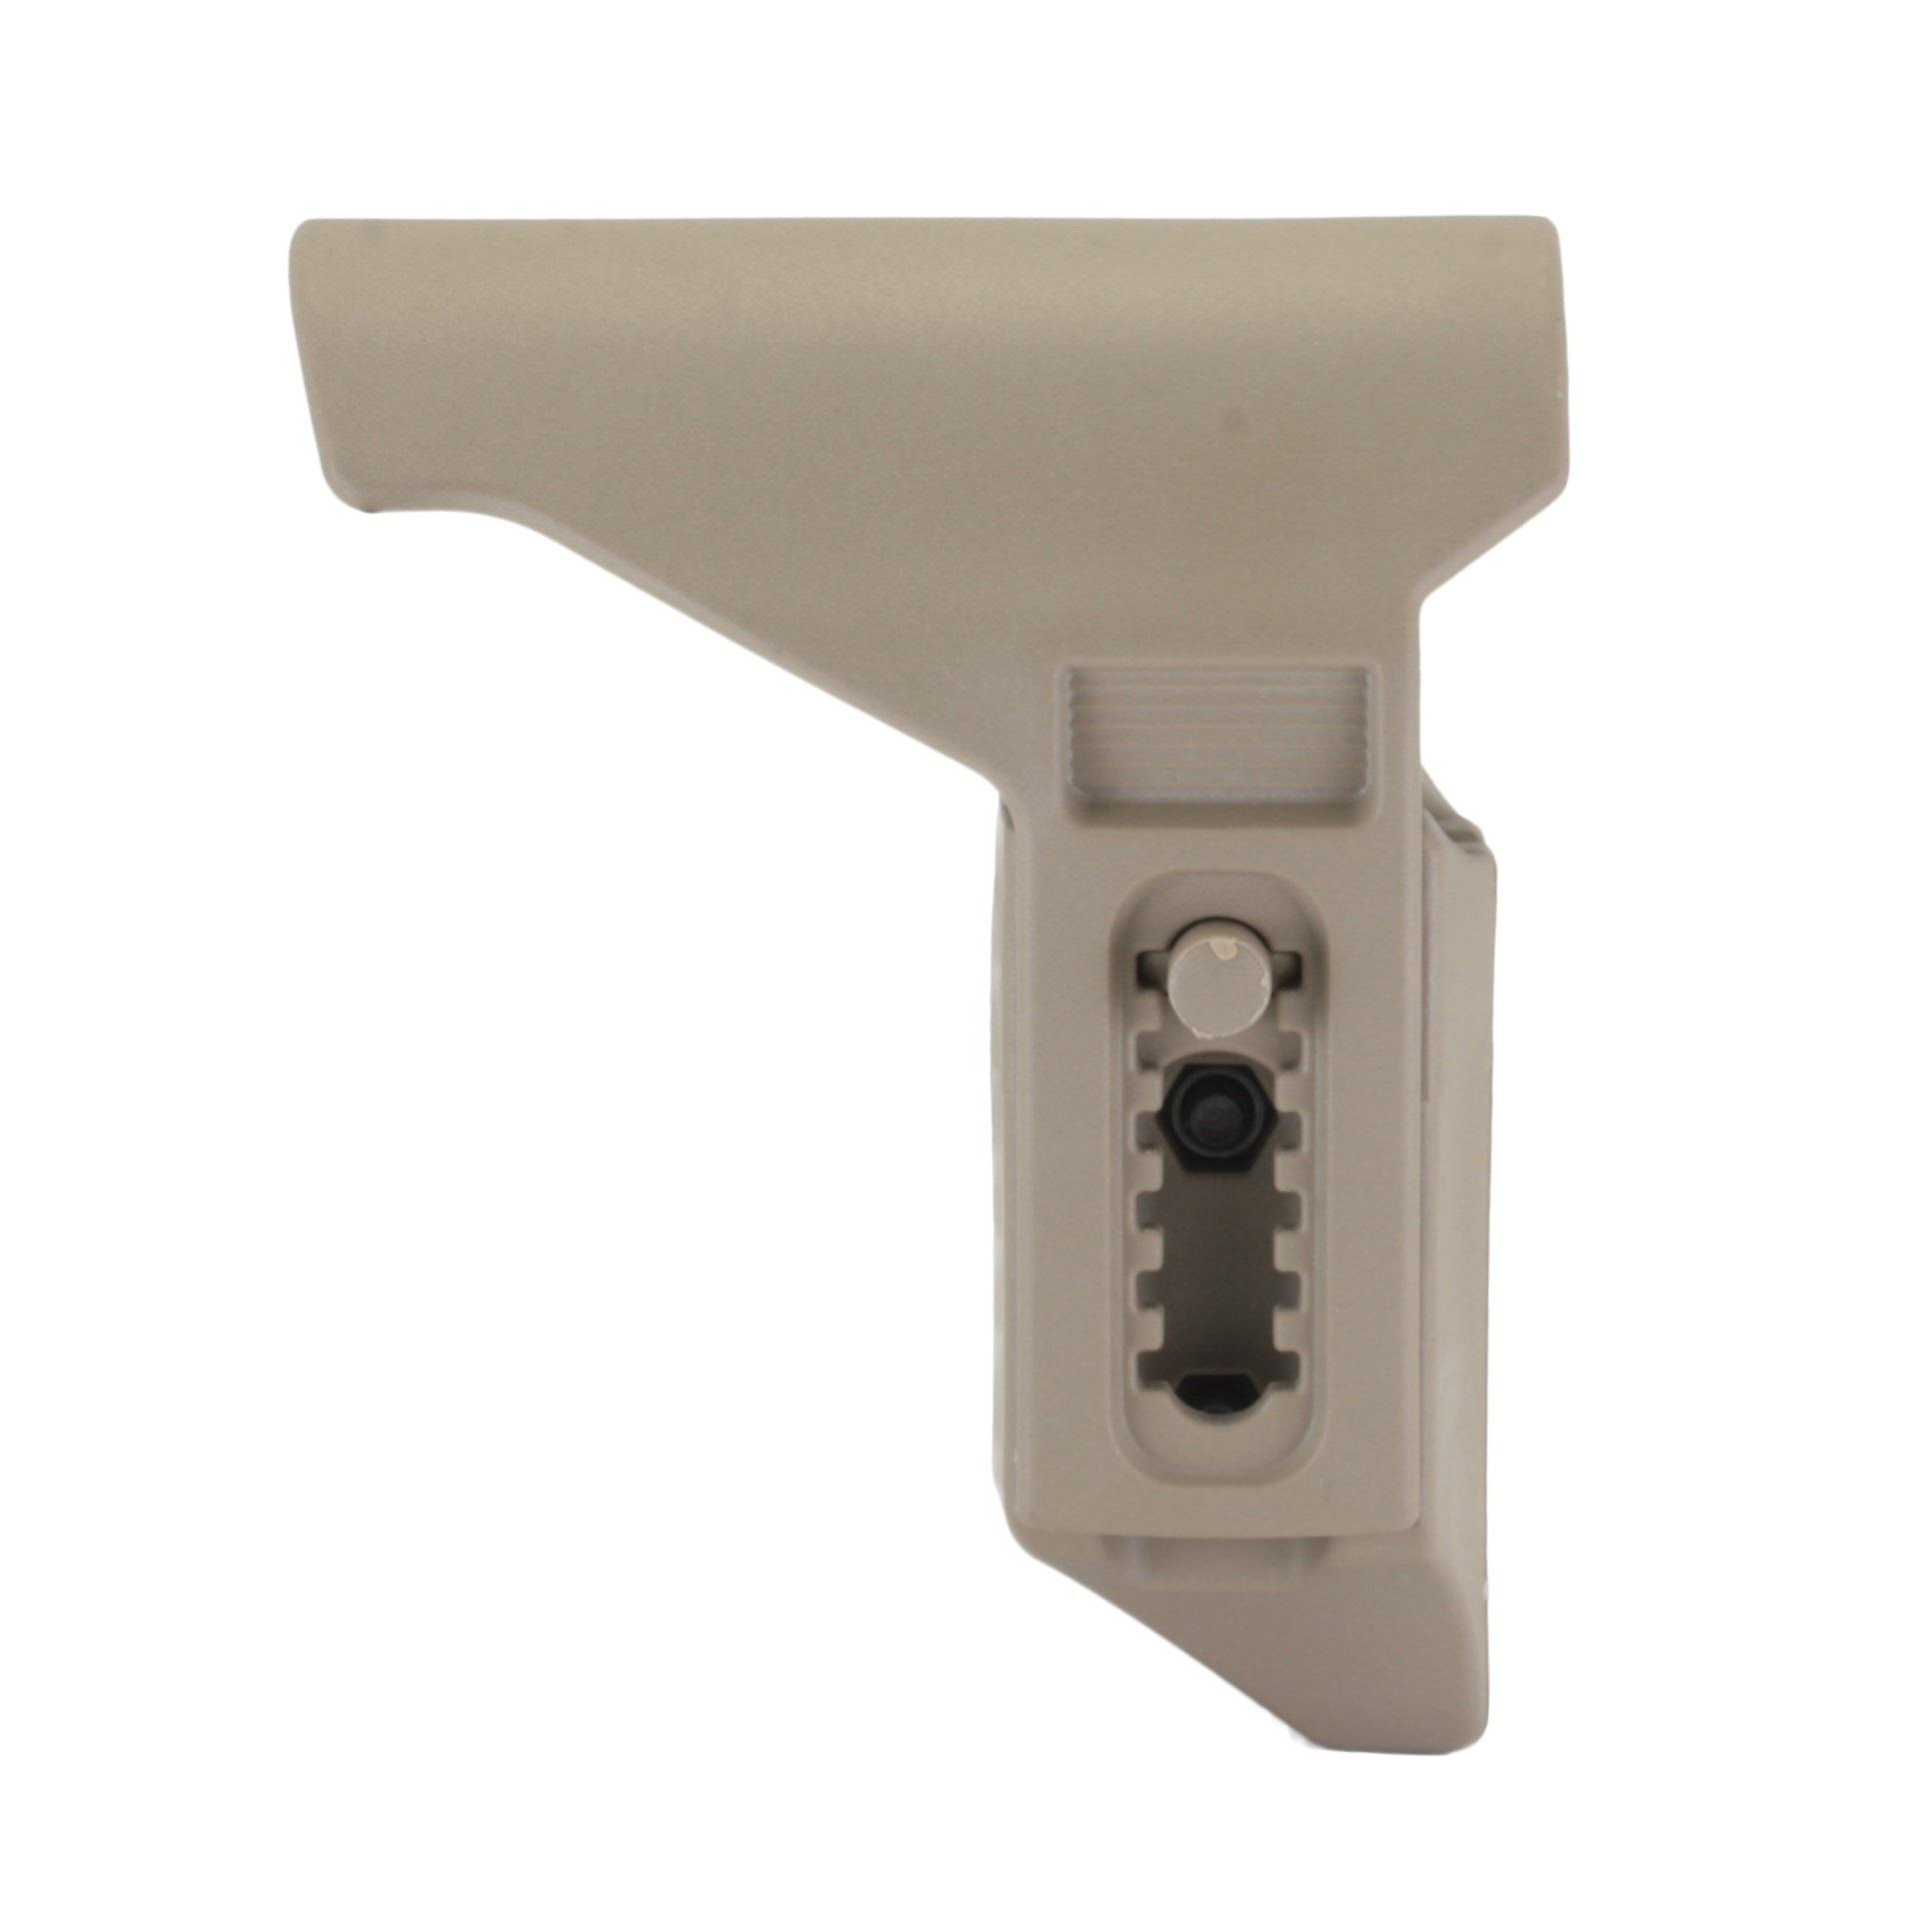 Короткий подщечник для AR для приклада TBS Compact, DLG Tactical - песочный цвет